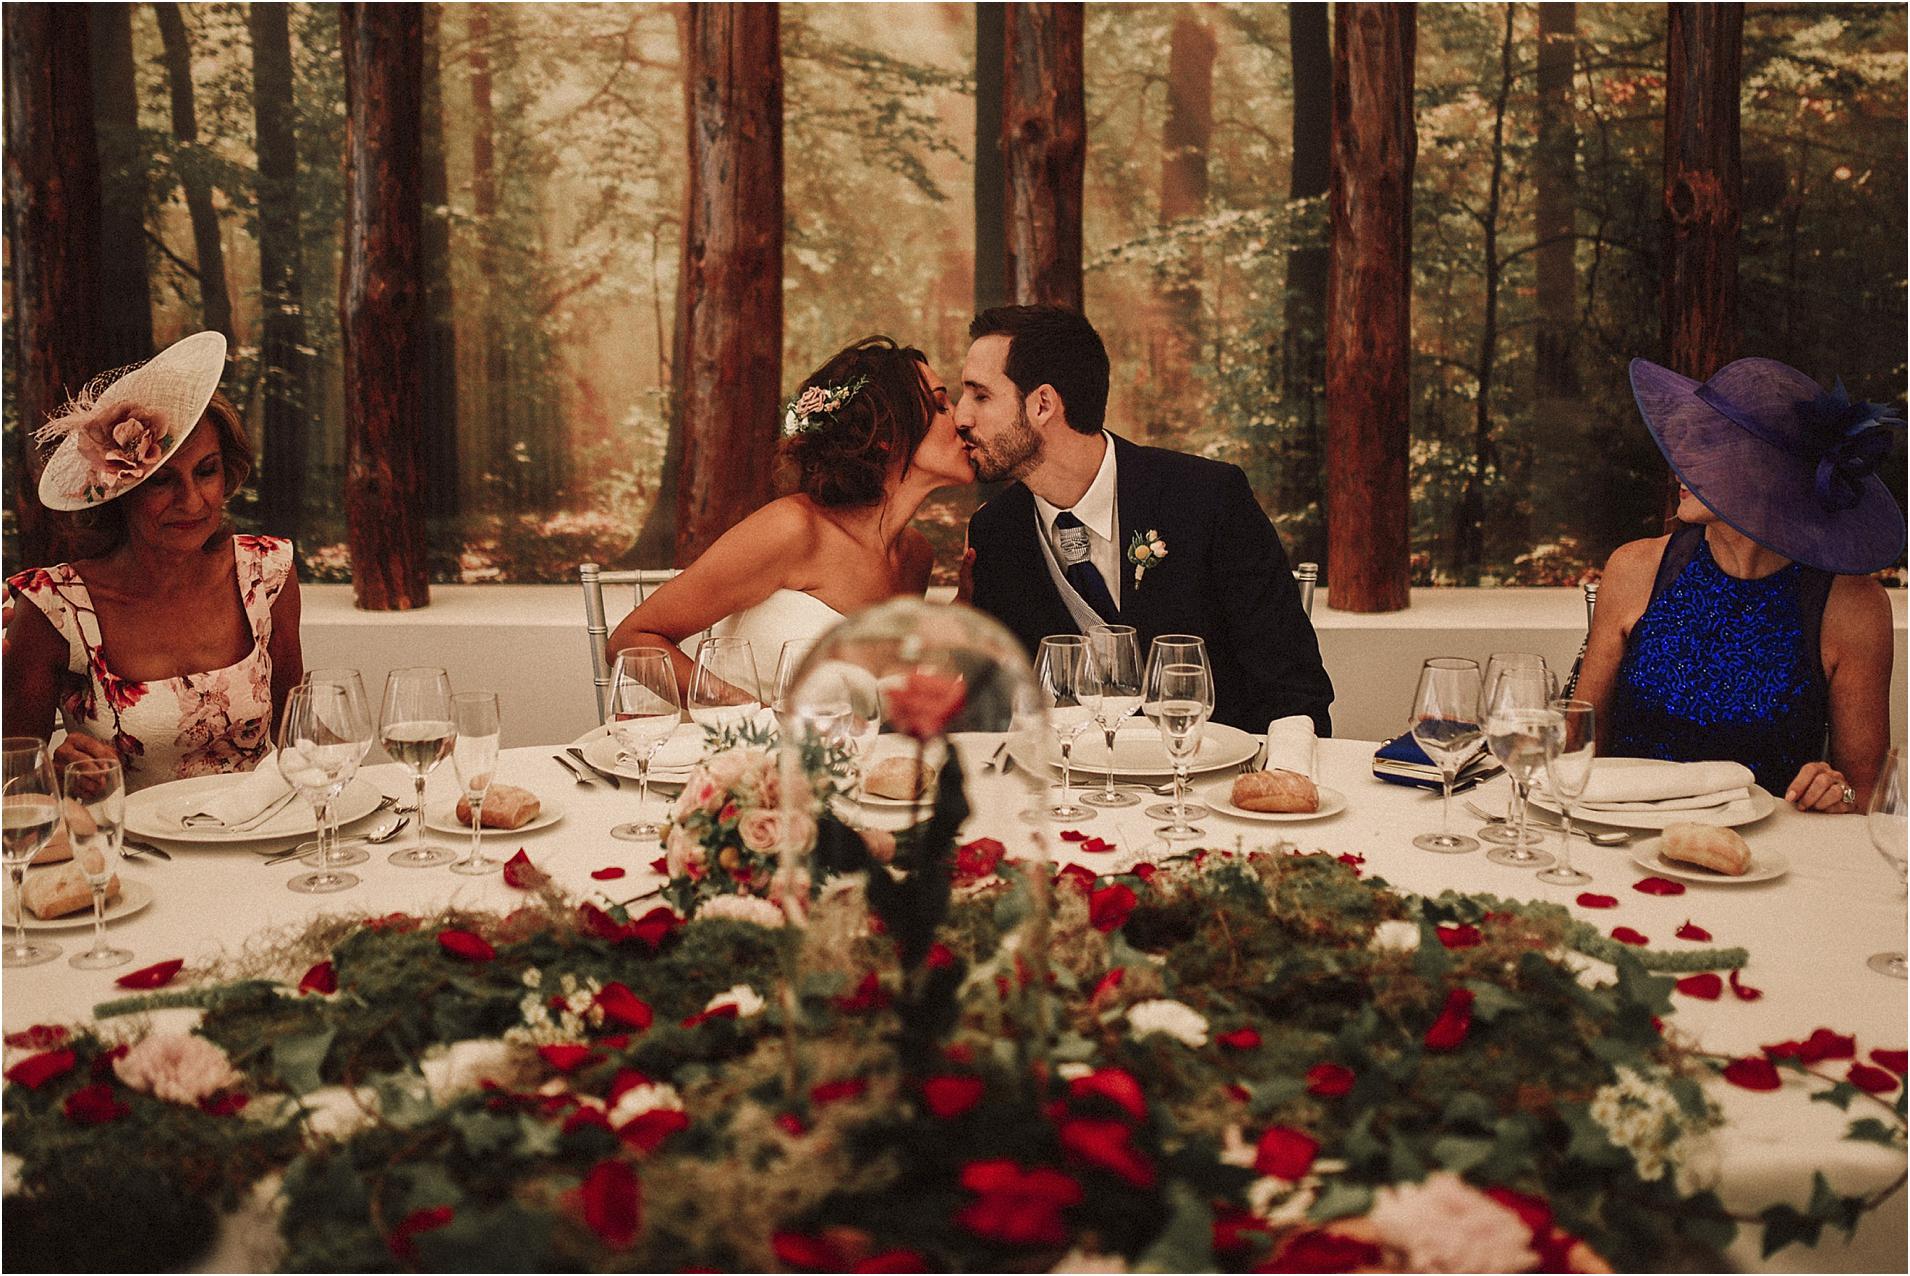 Fotografos-de-boda-donostia-zaragoza-san-sebastian-destination-wedding-photographer-89.jpg